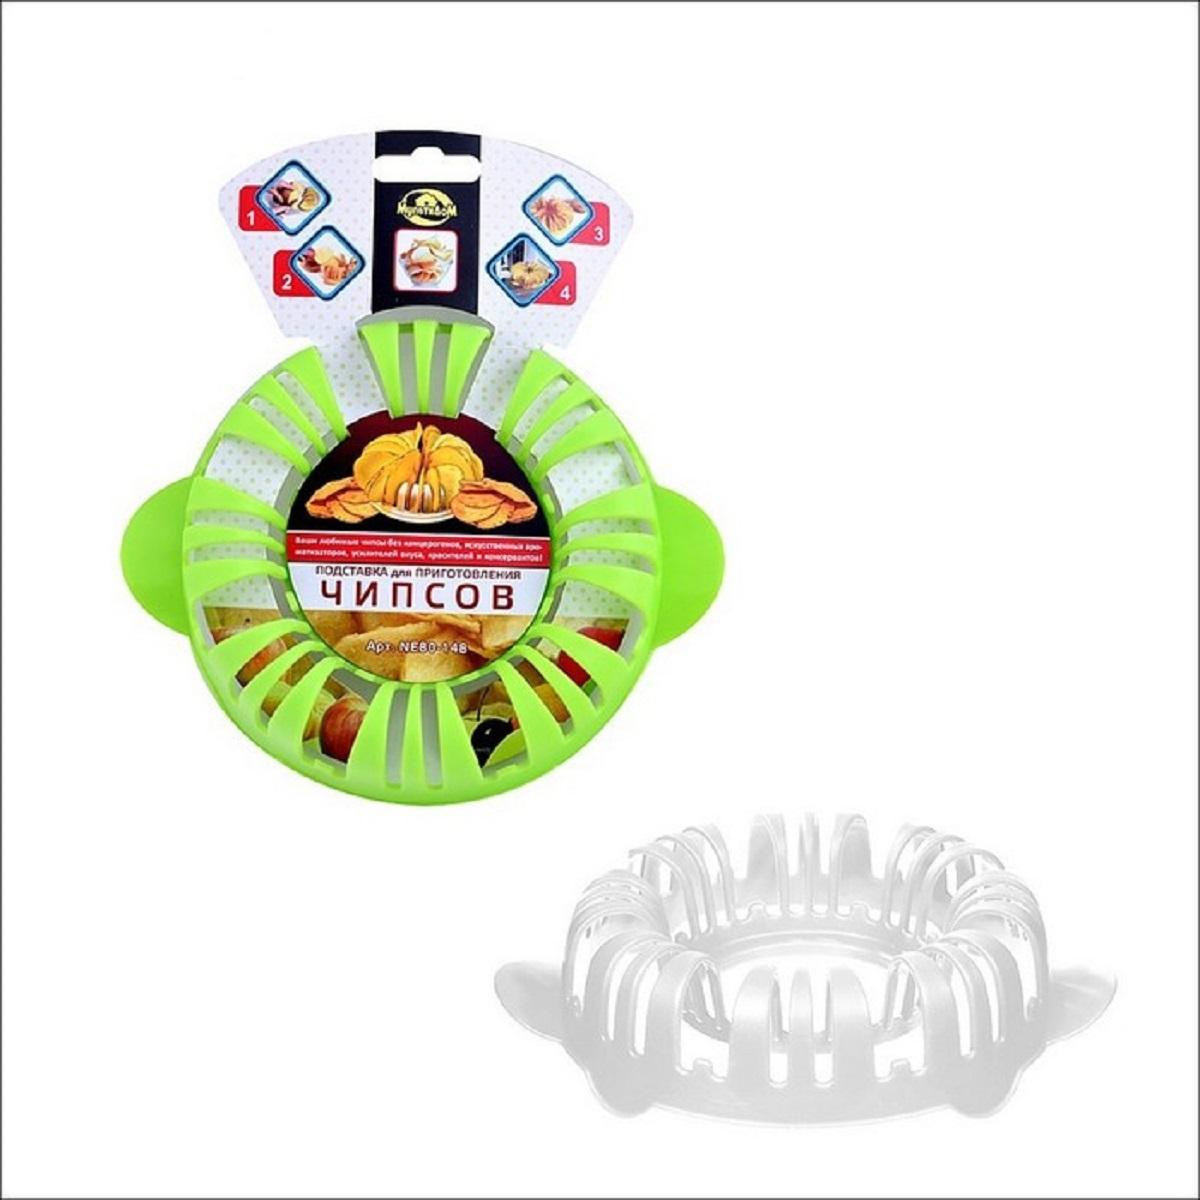 Приготовьте вкусные хрустящие чипсы не выходя из дома! Хозяйки по достоинству оценят этот простой и удобный в использовании предмет кухонной утвари, а гости и семья будут приятно удивлены